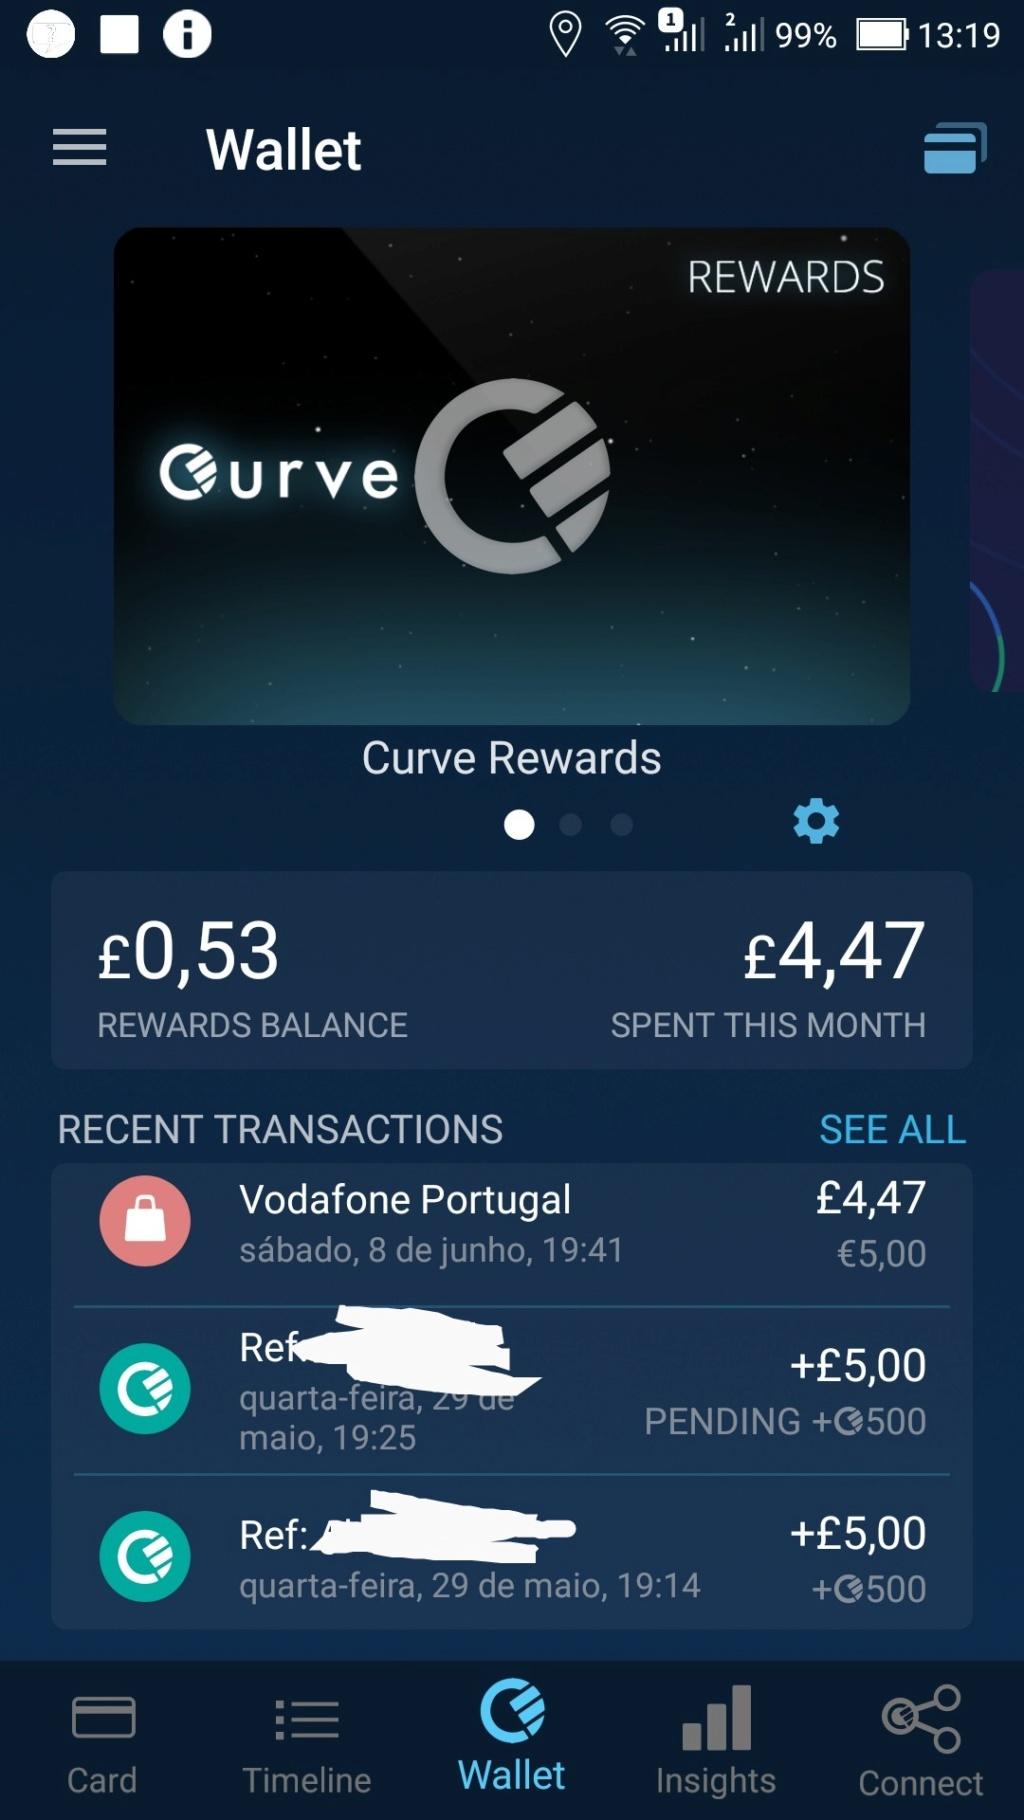 Oportunidade [Provado] Curve - Cartão all in one oferece + de 5€ Screen41